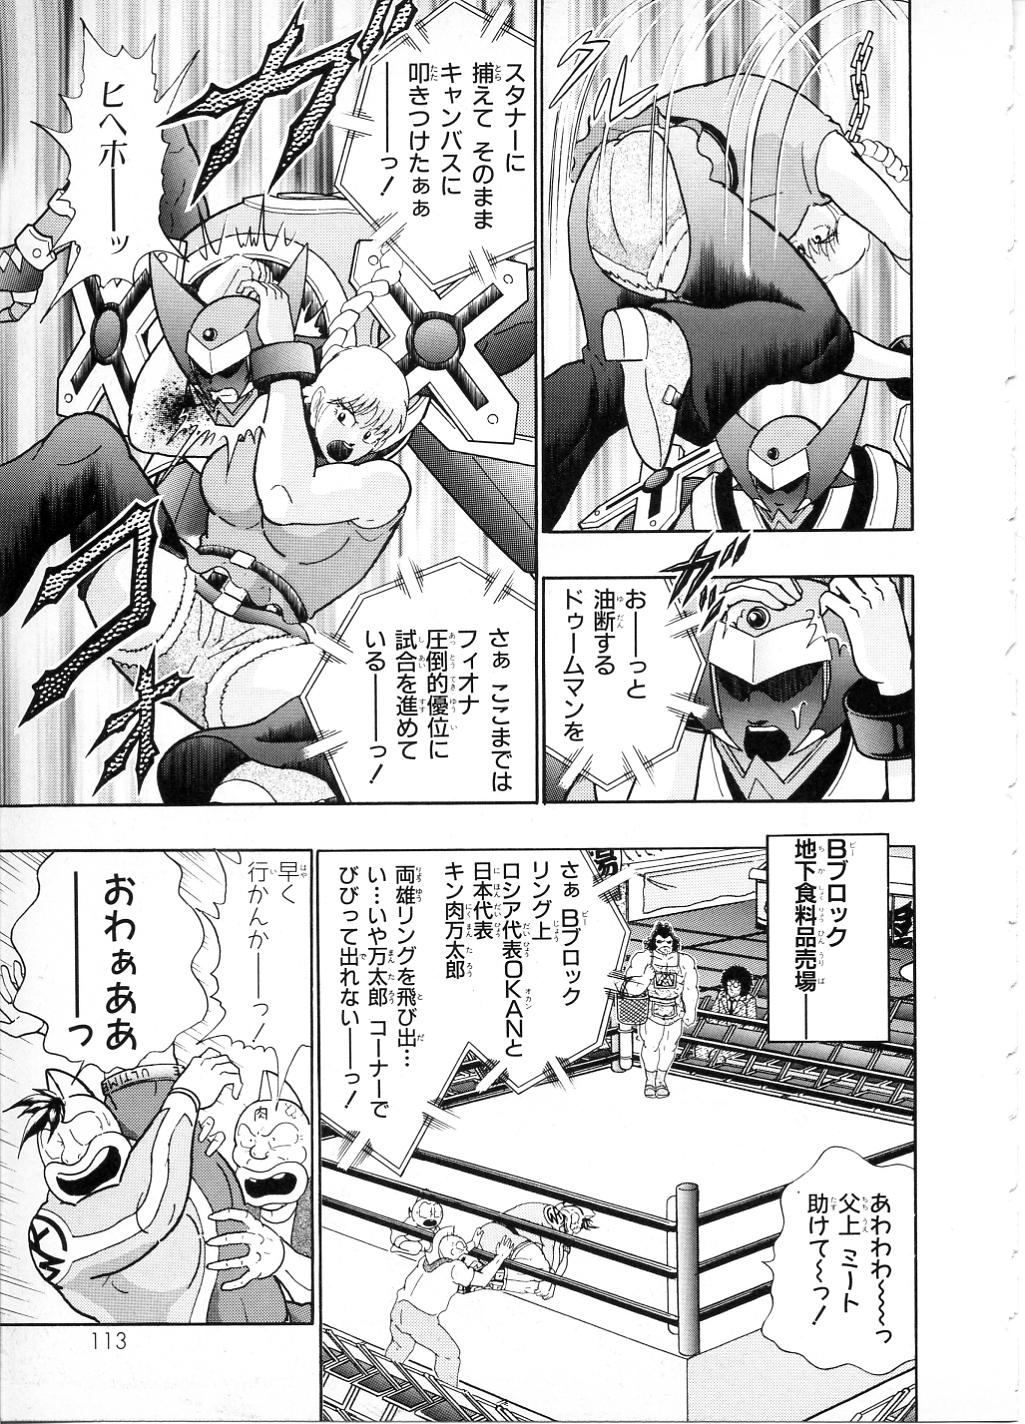 Kinnikuman II Sei Daishingeki v01-04e¥2¥114